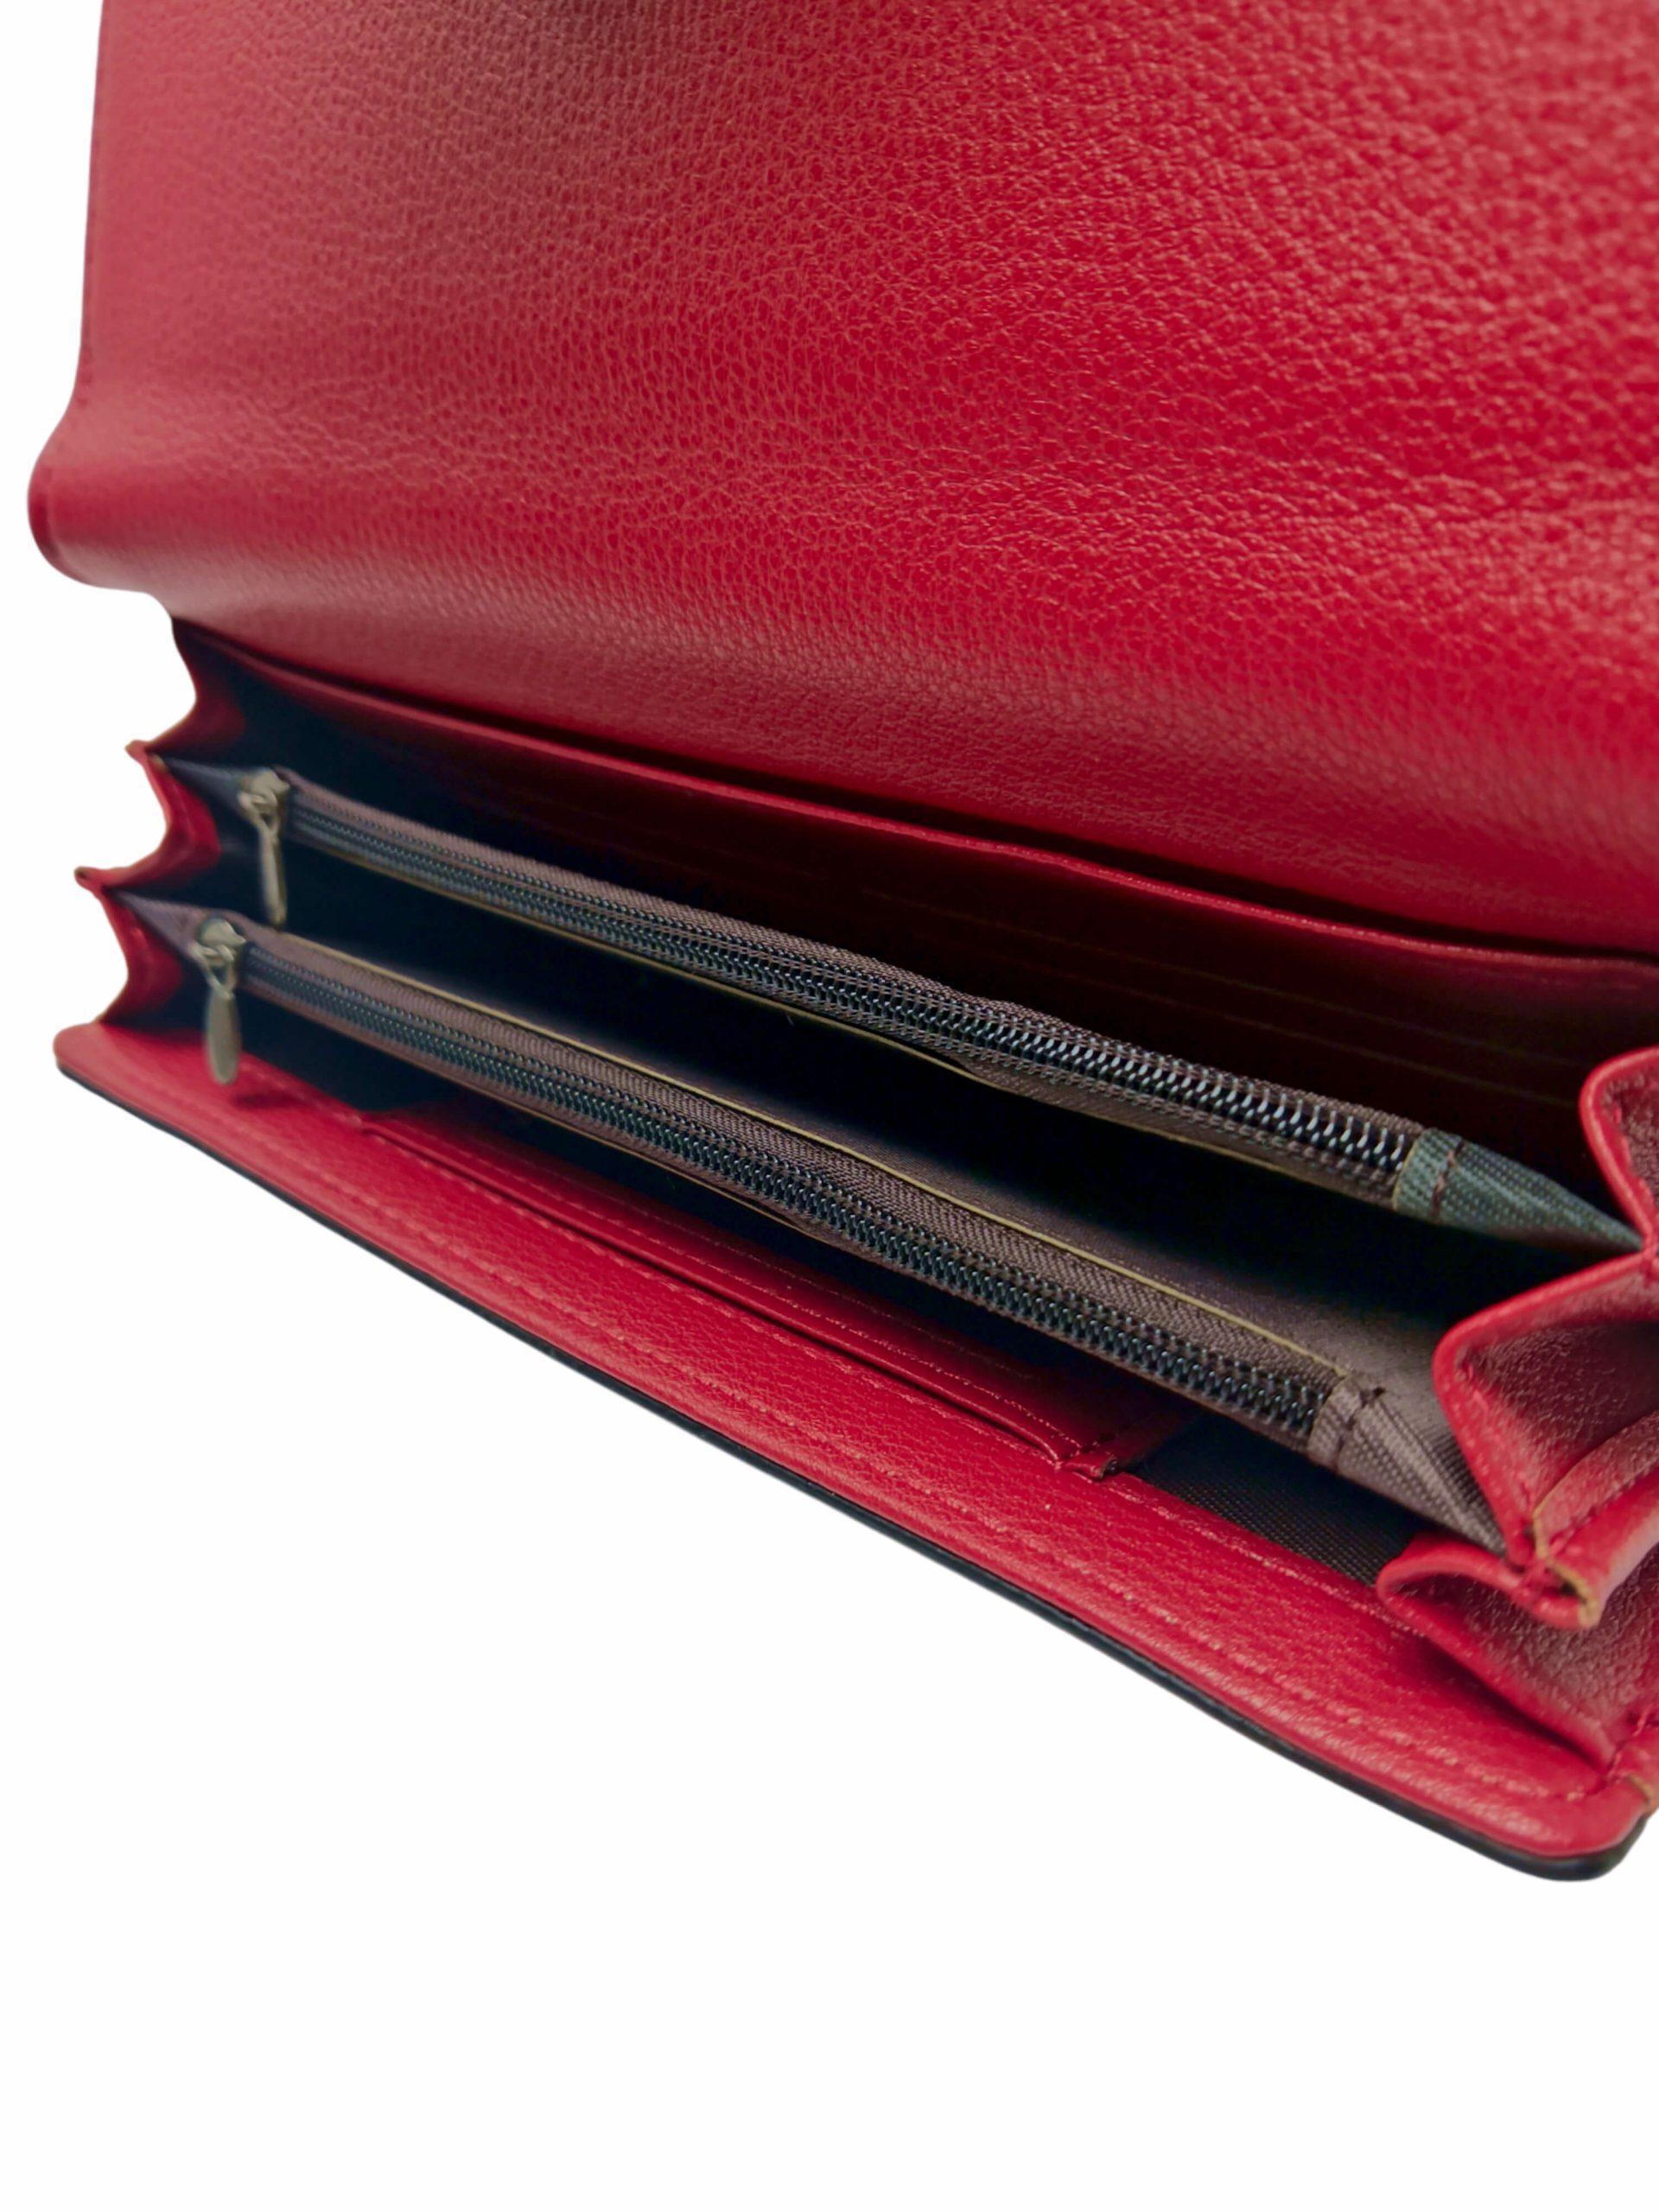 Elegantní dámská peněženka na magnetky, New Berry, 108-1, červená, vnitřní uspořádání peněženky